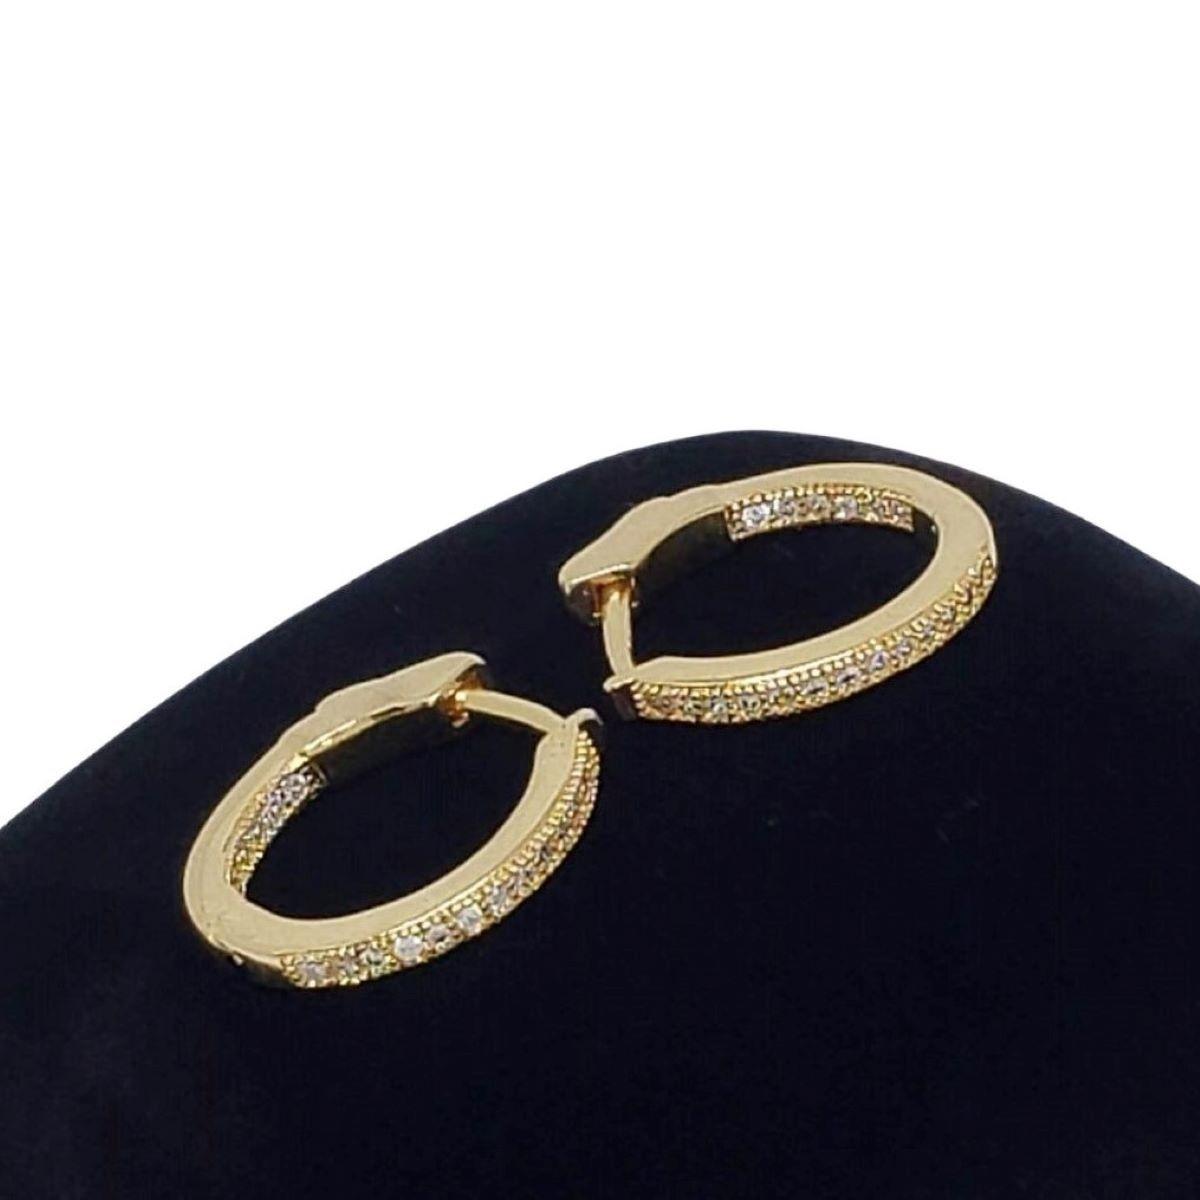 Brincos Argolas Cravejados De Zirconias Fecho Italiano Banho De Ouro 18k 1368